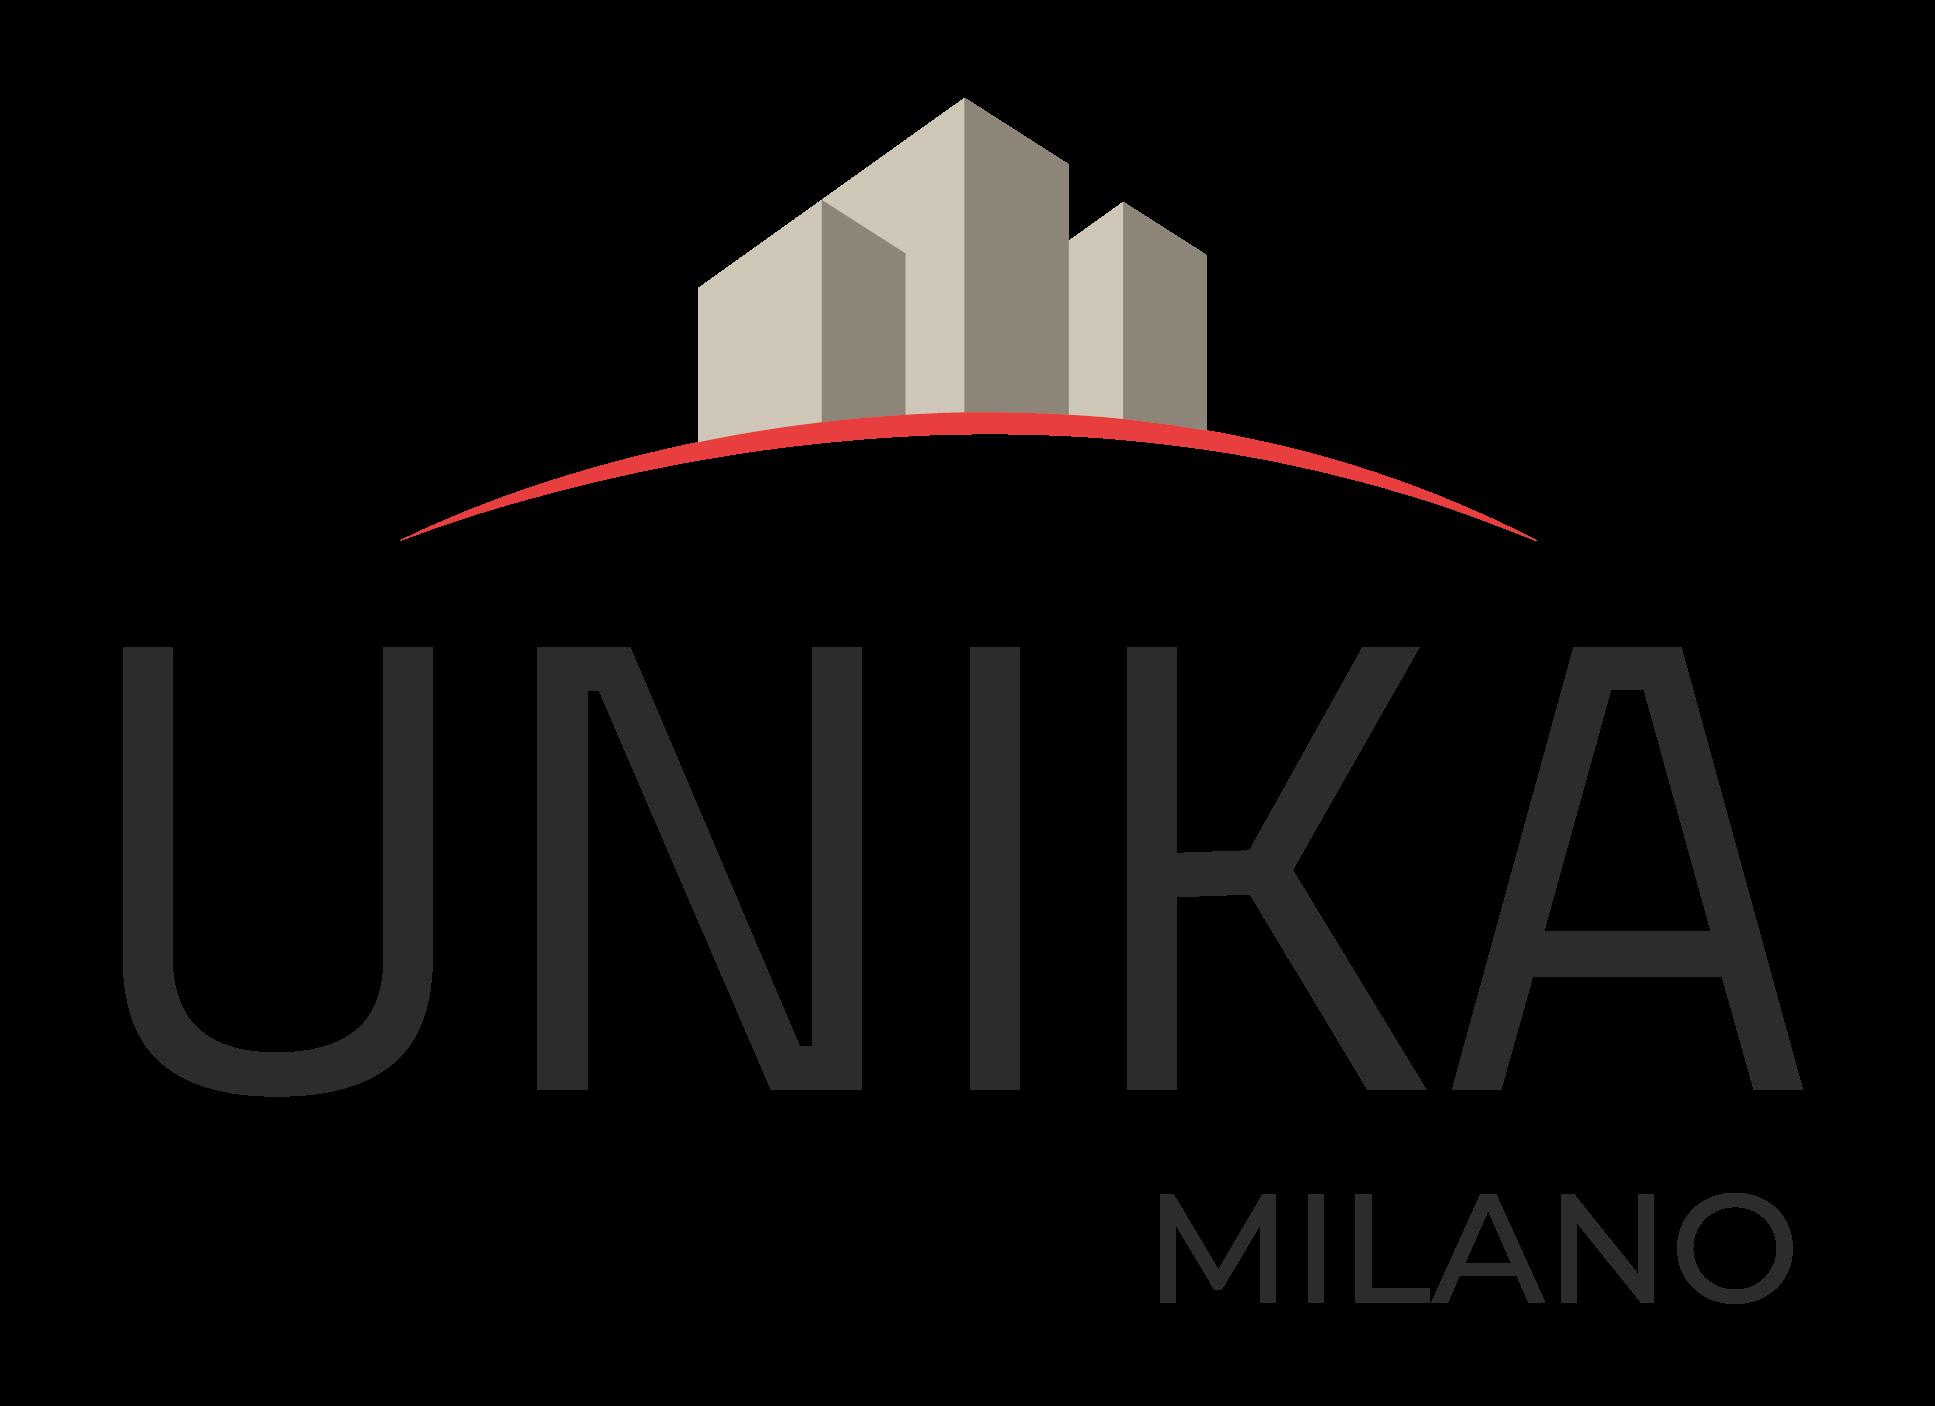 Unika Milano